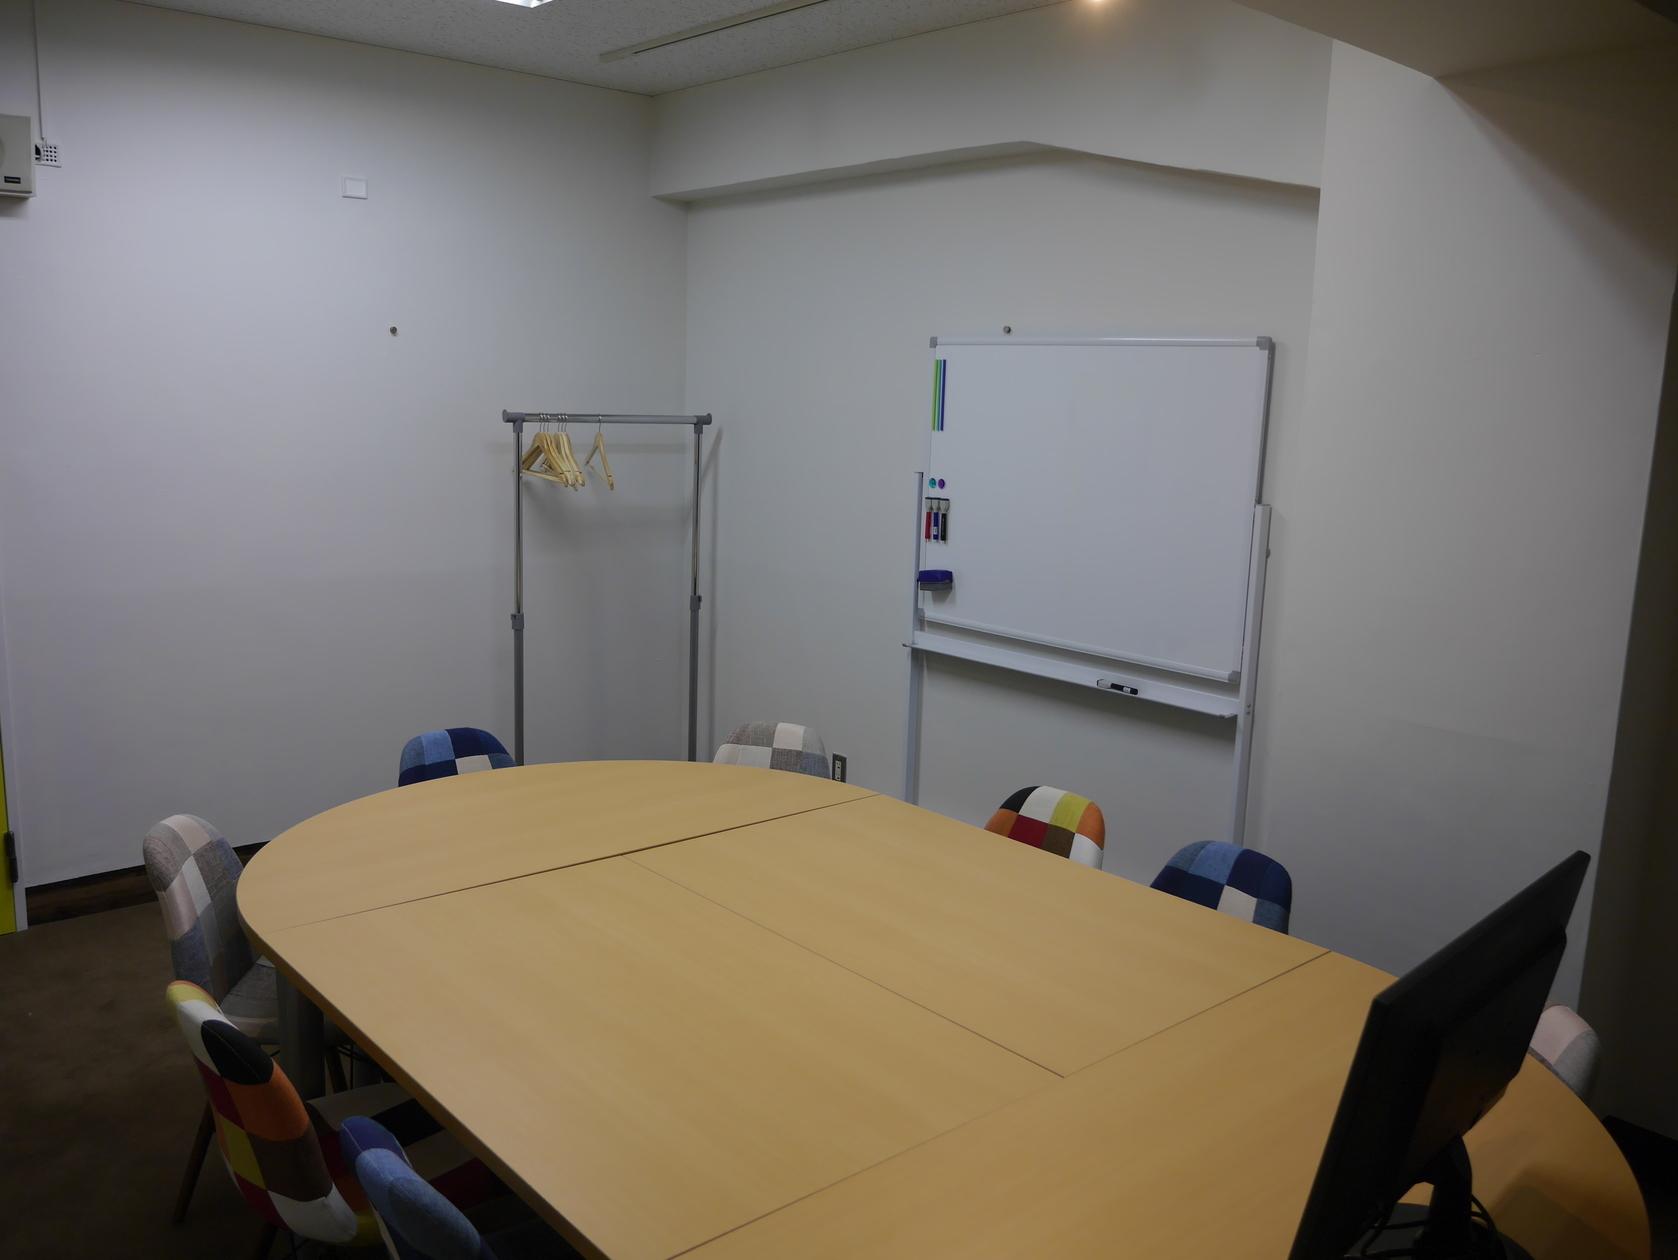 コワーキングスペース Rampart-AKIBA-(コワーキングスペース Rampart-AKIBA-) の写真0